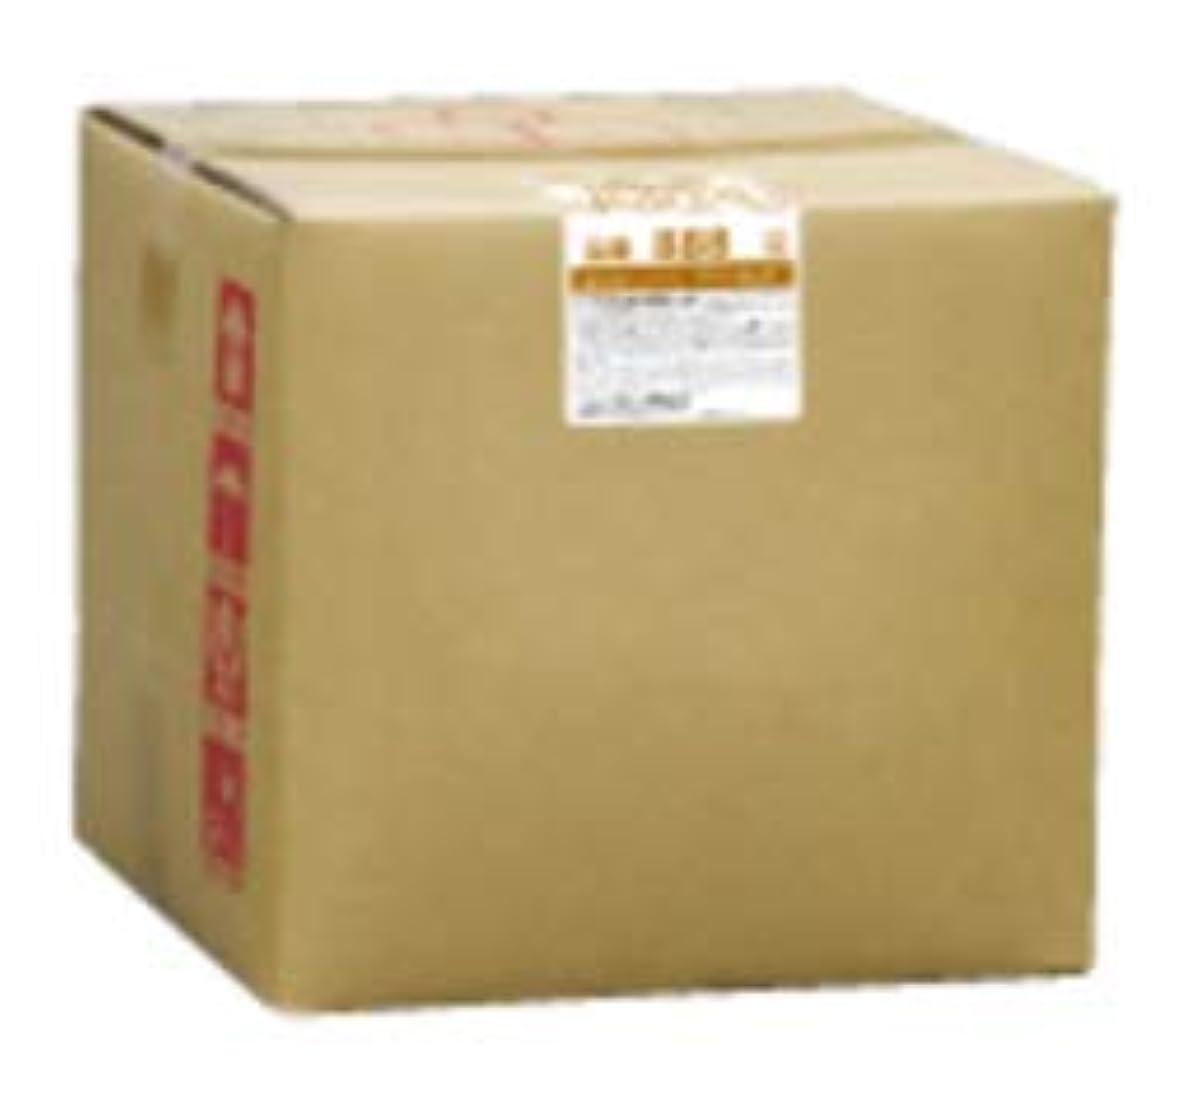 ヶ月目代理人後世フタバ化学 スパジアス ボディソープ 18L 詰め替え 800ml専用空容器付 黒糖と蜂蜜